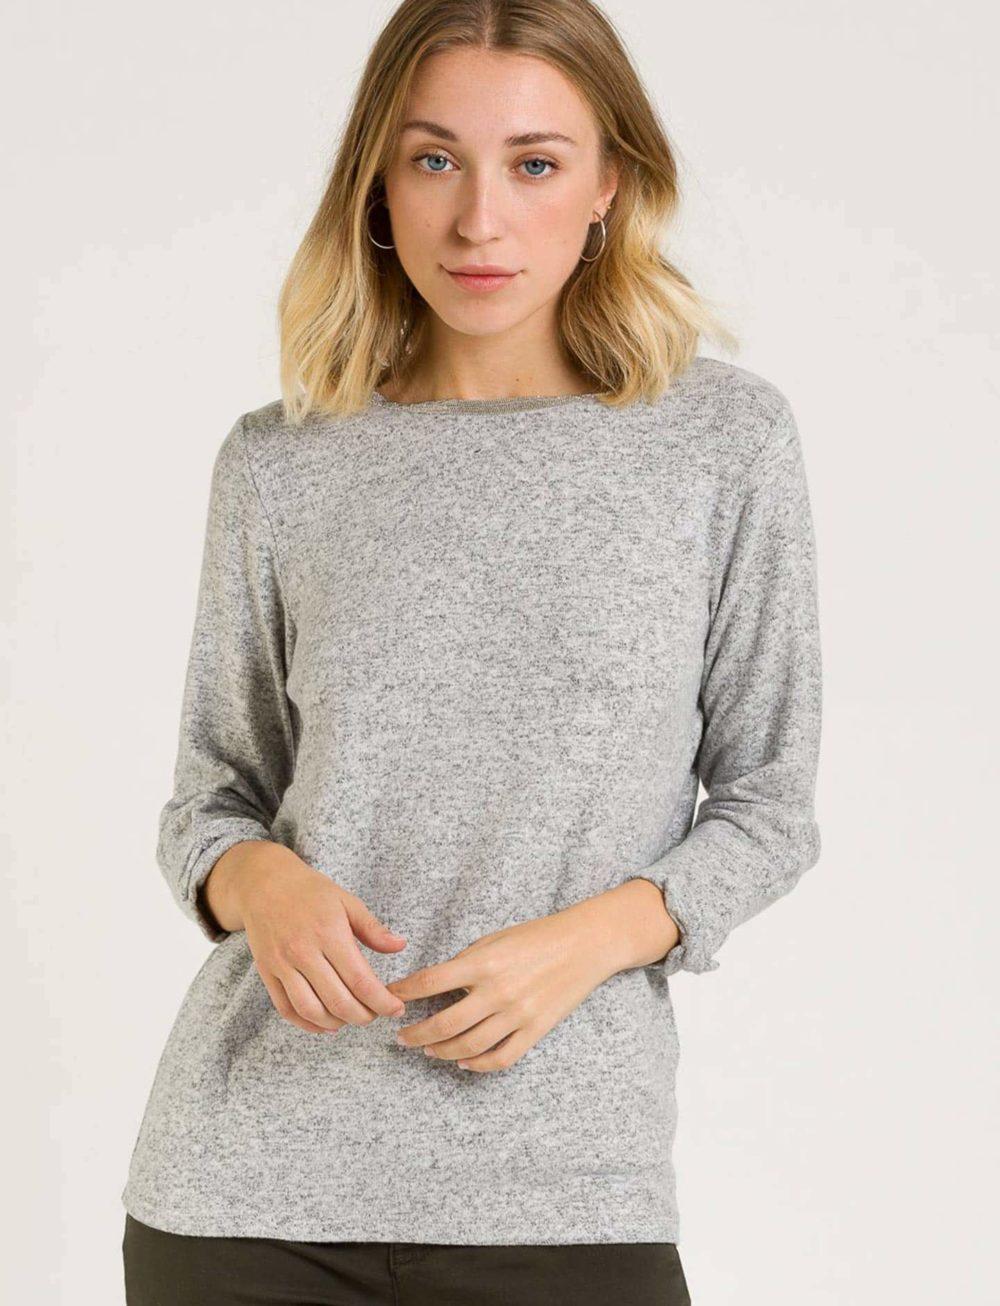 camiseta-suave-gris-frontal